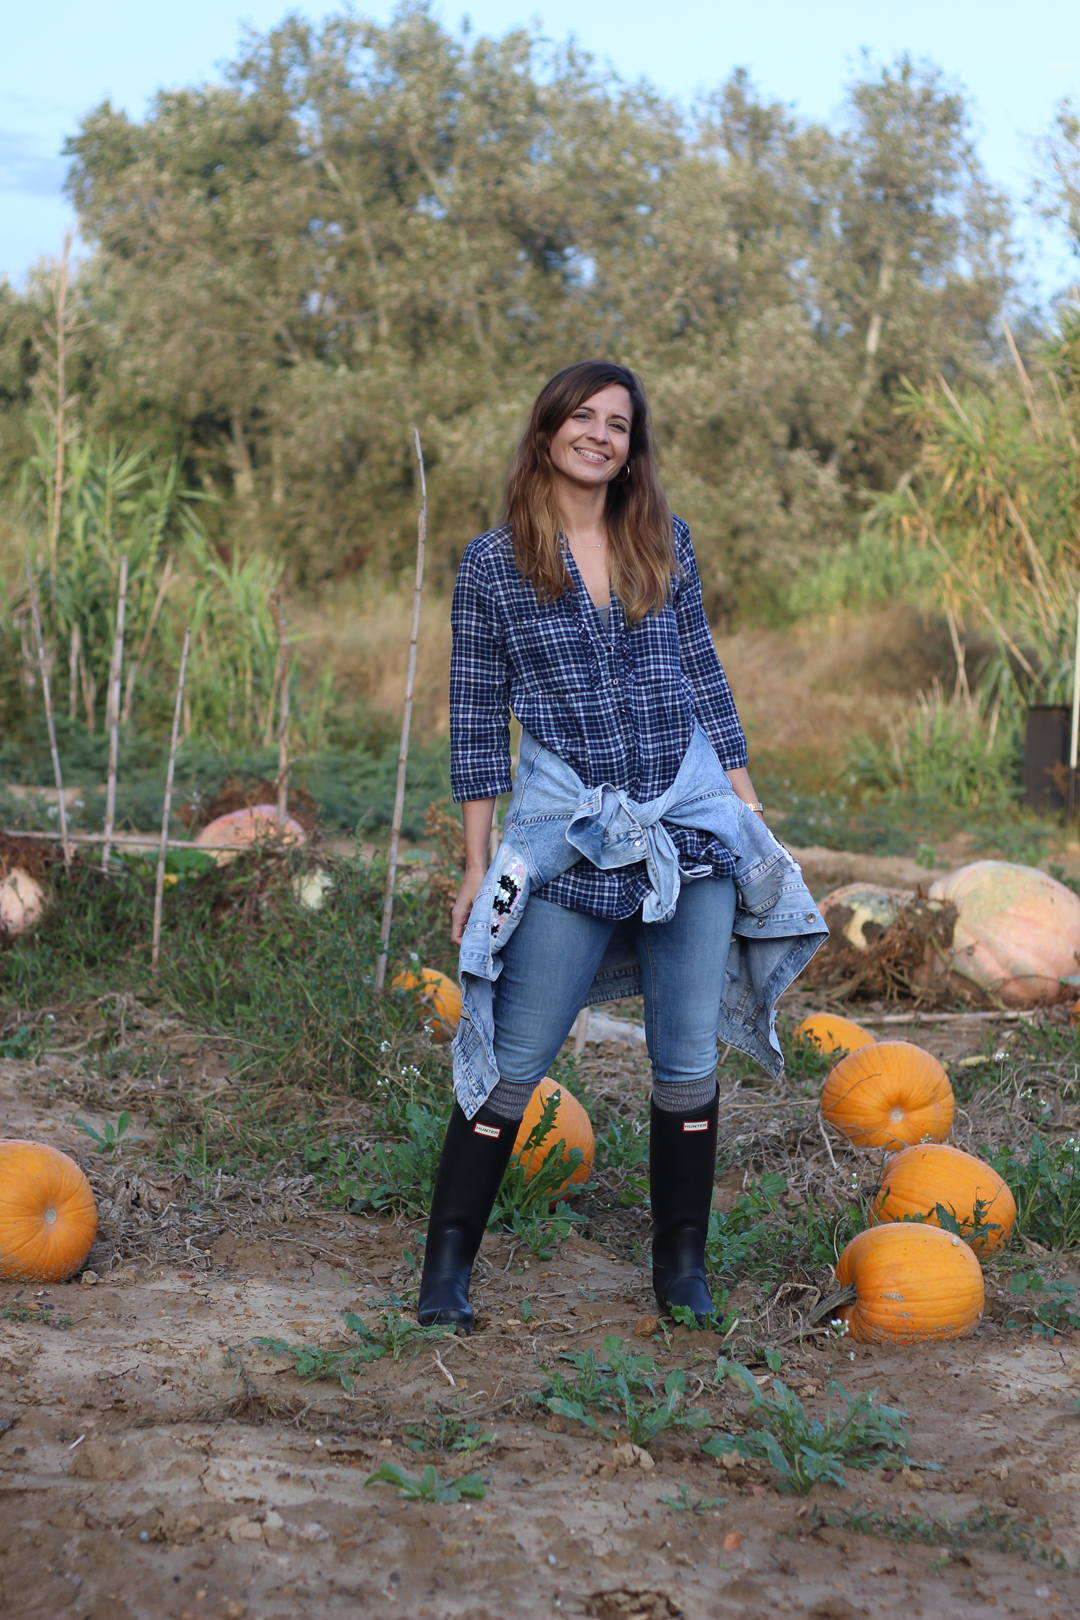 campo calabazas de Halloween Huesca - blog de moda - outfit campestre con botas hunter